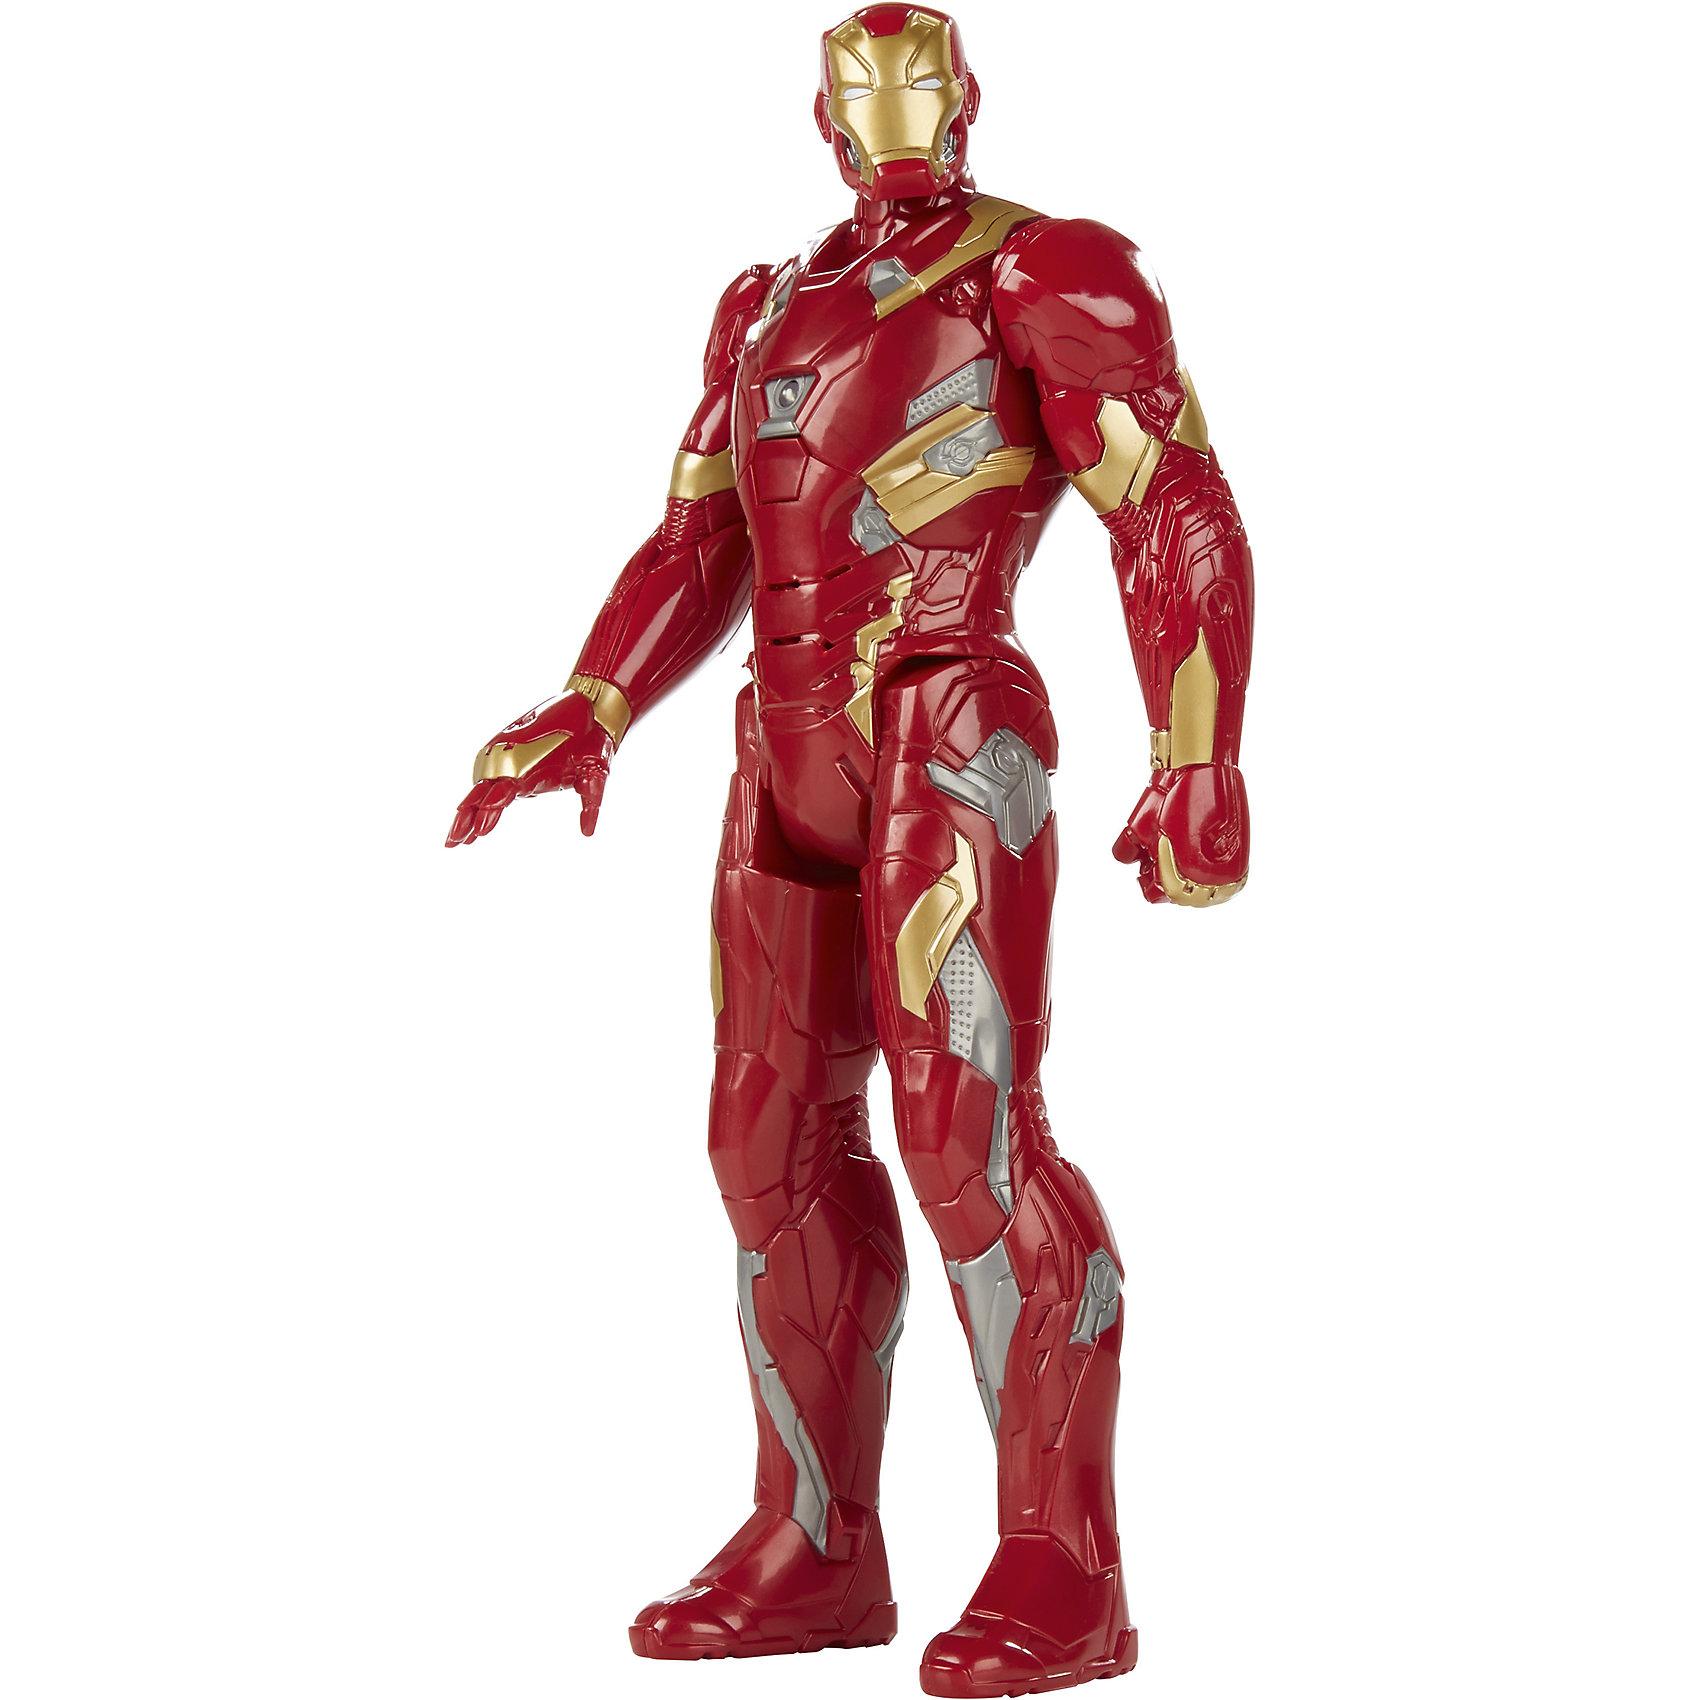 Интерактивная фигурка Железного ЧеловекаПрочие интерактивные игрушки<br>Интерактивная фигурка Железного Человека станет отличным подарком для Вашего ребенка, особенно если он является поклонником популярных комиксов и фильмов о супергероях Мстители (Avengers). Большая фигурка Железного человека выполнена с высокой степенью детализации и полностью повторяет своего экранного персонажа. Популярный супергерой обладает мощным костюмом, который великолепно защищает его от противников и придает ему силу и ловкость. У фигурки подвижные части тела, она может поднимать и опускать руки и ноги, вращать головой. Материал представляет собой высококачественный пластик ярких цветов. На груди фигурки расположена кнопка, при нажатии на которую загорается лампочка и раздаются звуковые эффекты, также Железный Человек произносит фразы на русском языке. Теперь вместе с другими фигурками из Мстителей можно придумать и разыграть новые истории о приключениях любимых персонажей.<br><br>Дополнительная информация:<br><br>- Материал: пластик.<br>- Требуются батарейки: 2 х АА (входят в комплект).<br>- Высота фигурки: 30 см.<br>- Размер упаковки: 17,8 х 6,4 х 30,5 см.<br>- Вес: 0,3 кг. <br><br>Интерактивную фигурку Железного Человека, Hasbro, можно купить в нашем интернет-магазине.<br><br>Ширина мм: 64<br>Глубина мм: 178<br>Высота мм: 305<br>Вес г: 375<br>Возраст от месяцев: 48<br>Возраст до месяцев: 192<br>Пол: Мужской<br>Возраст: Детский<br>SKU: 4708242